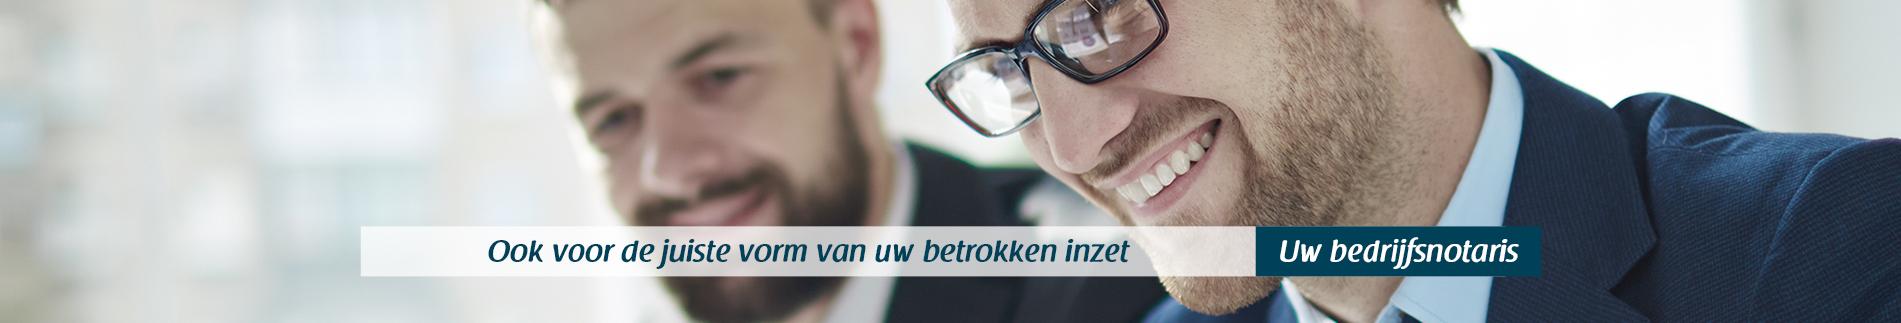 notaris-vriezenveen-Stichting-Vereniging-bedrijfsnotaris